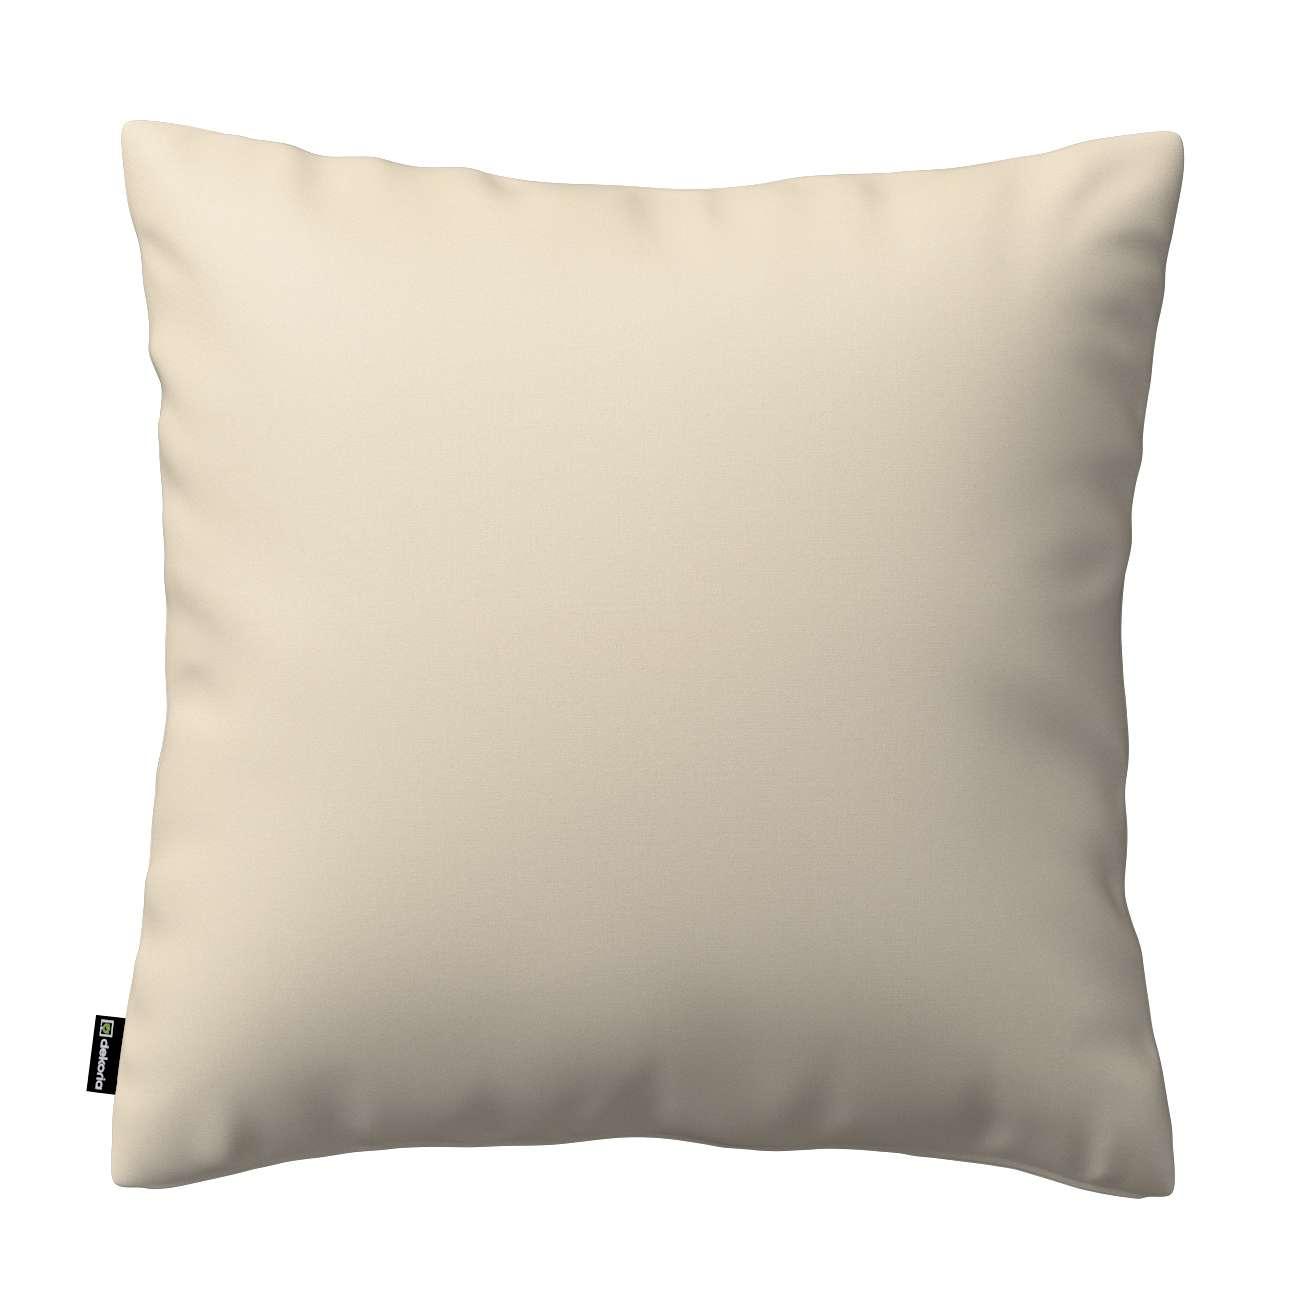 Poszewka Kinga na poduszkę w kolekcji Damasco, tkanina: 141-73